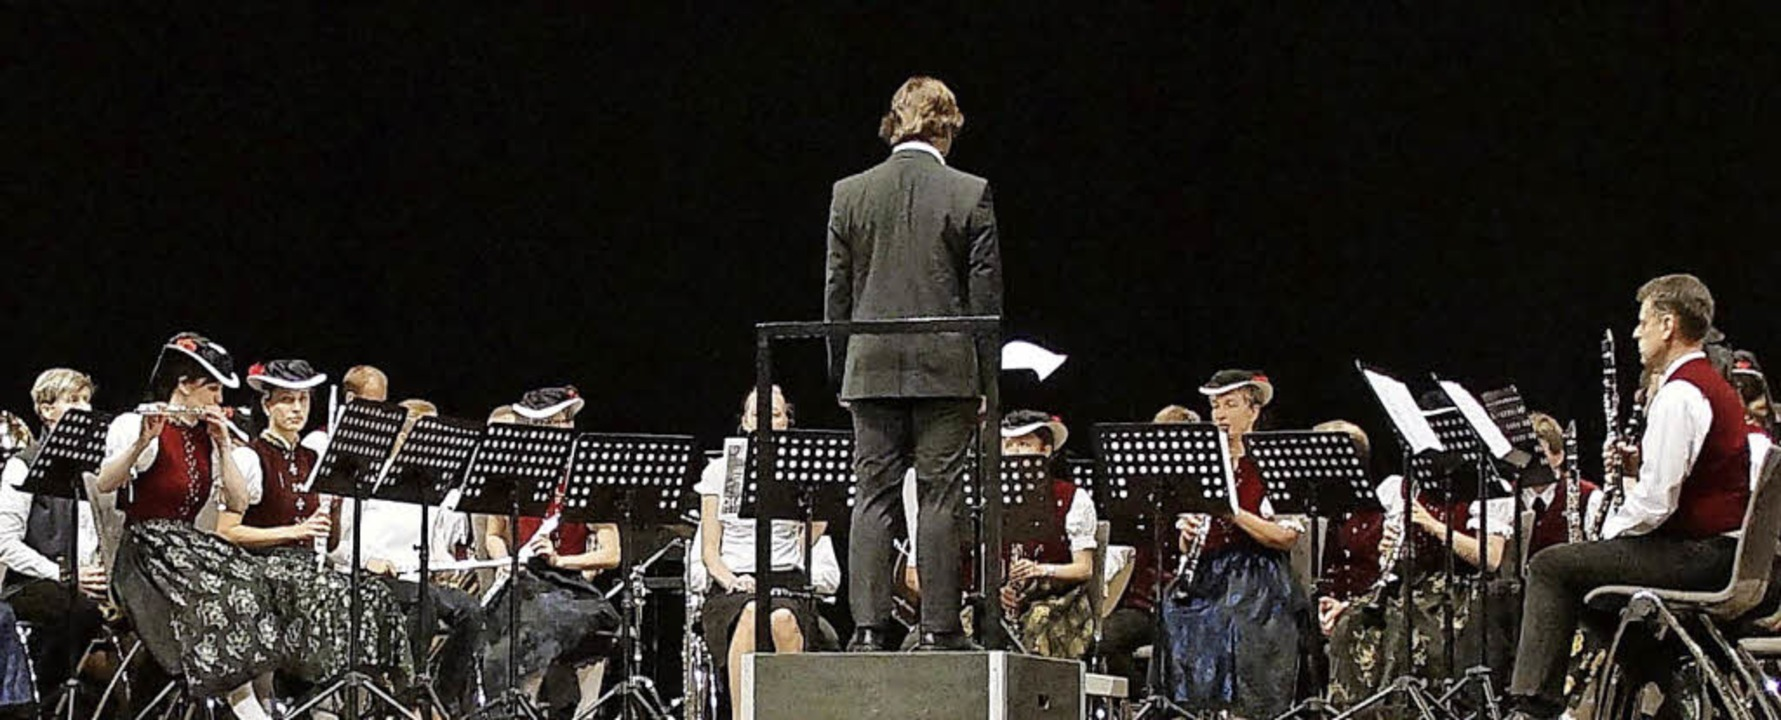 Blasmusik grenzenlos: die Trachtenkape...tegen beim Wertungsspiel in Karlsruhe     Foto: Privat